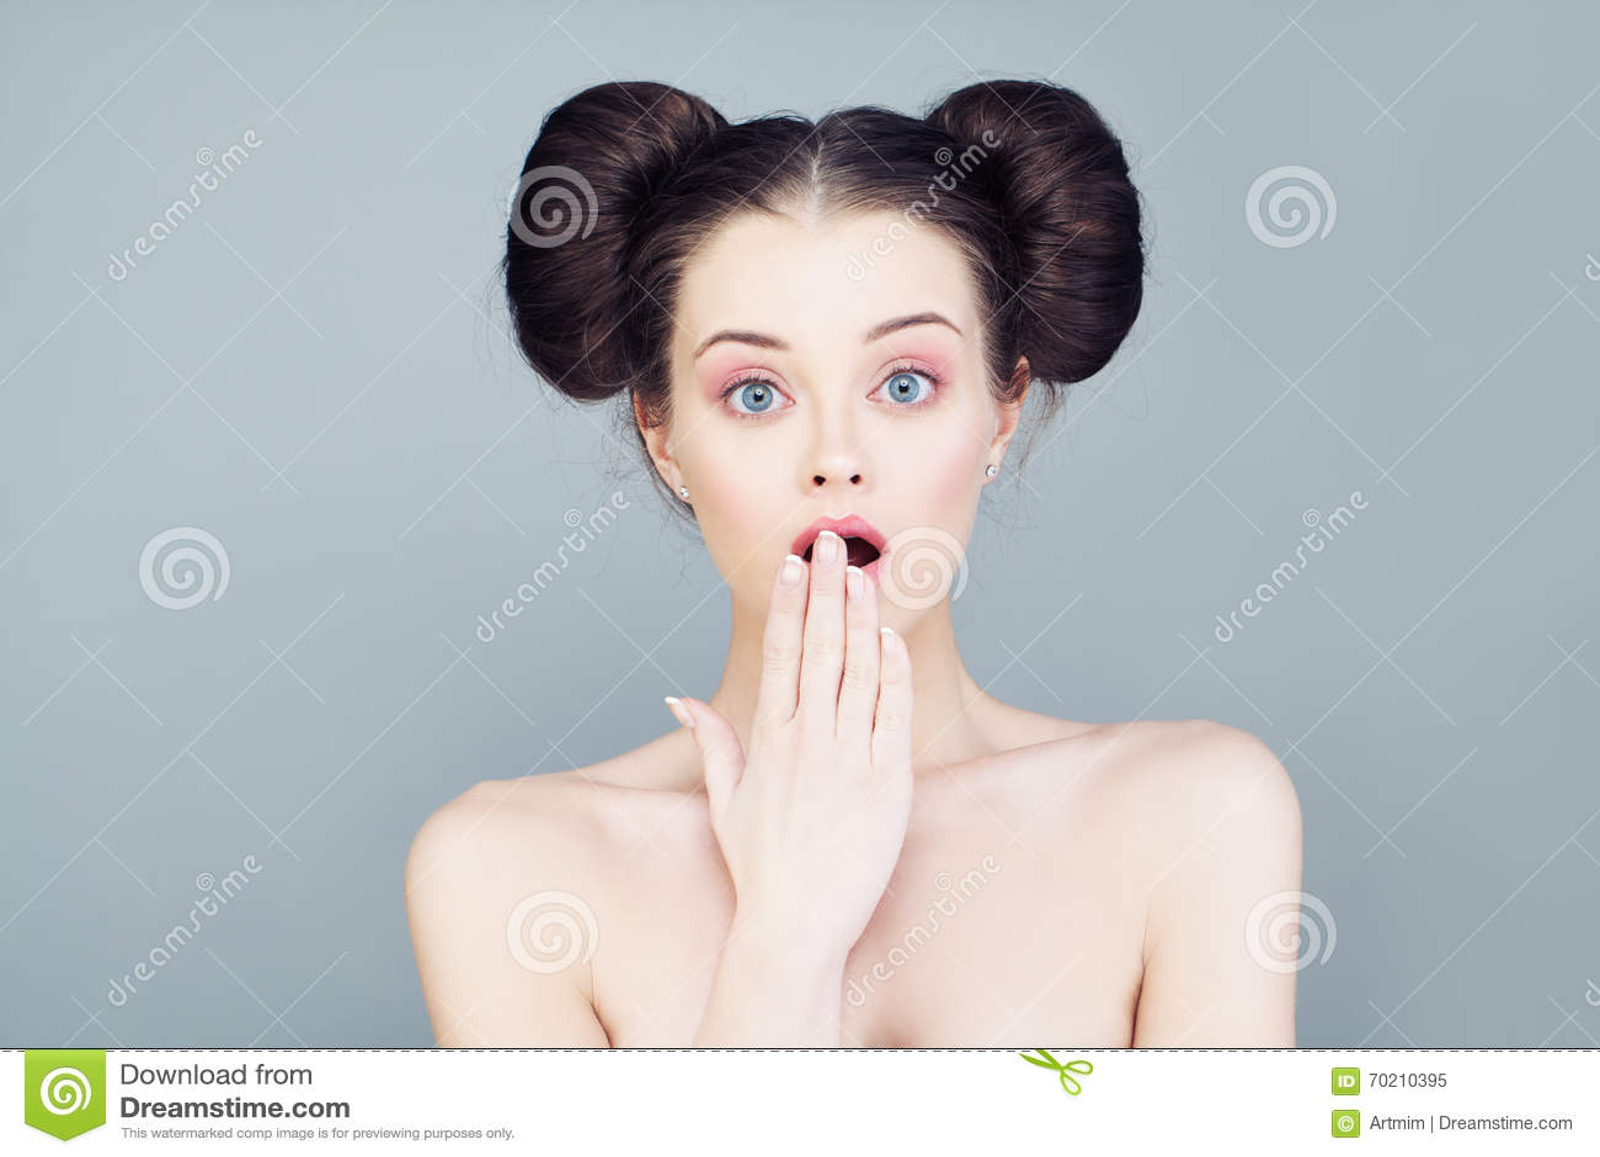 скачать картинку с приоткрытым задом у женщины